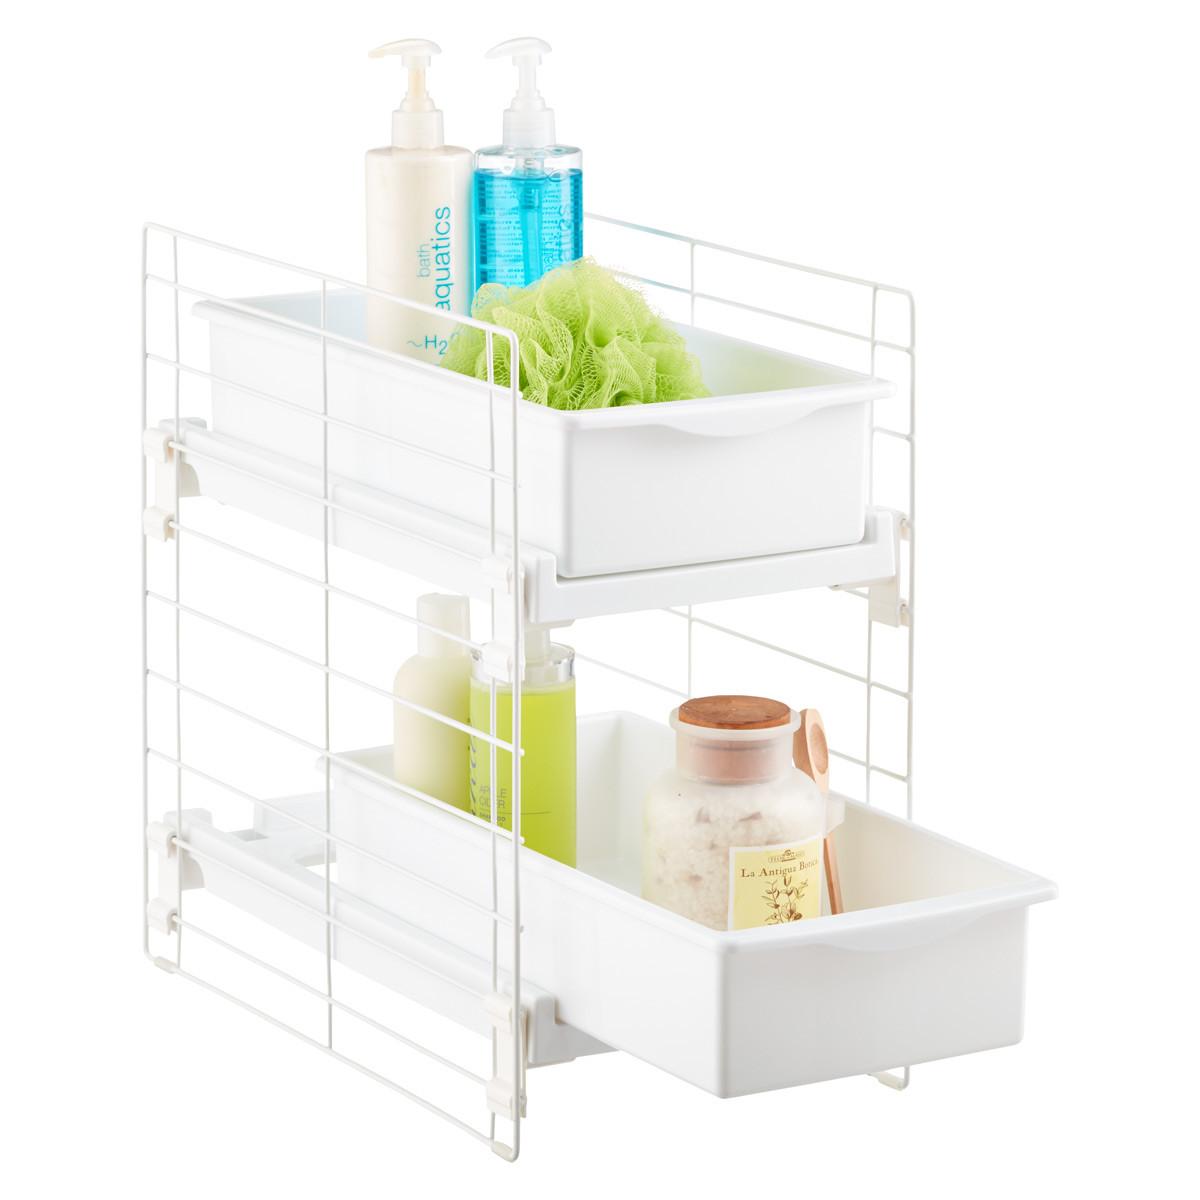 Best ideas about Bathroom Sink Organizer . Save or Pin Under Sink Organizers & Bathroom Cabinet Storage Now.